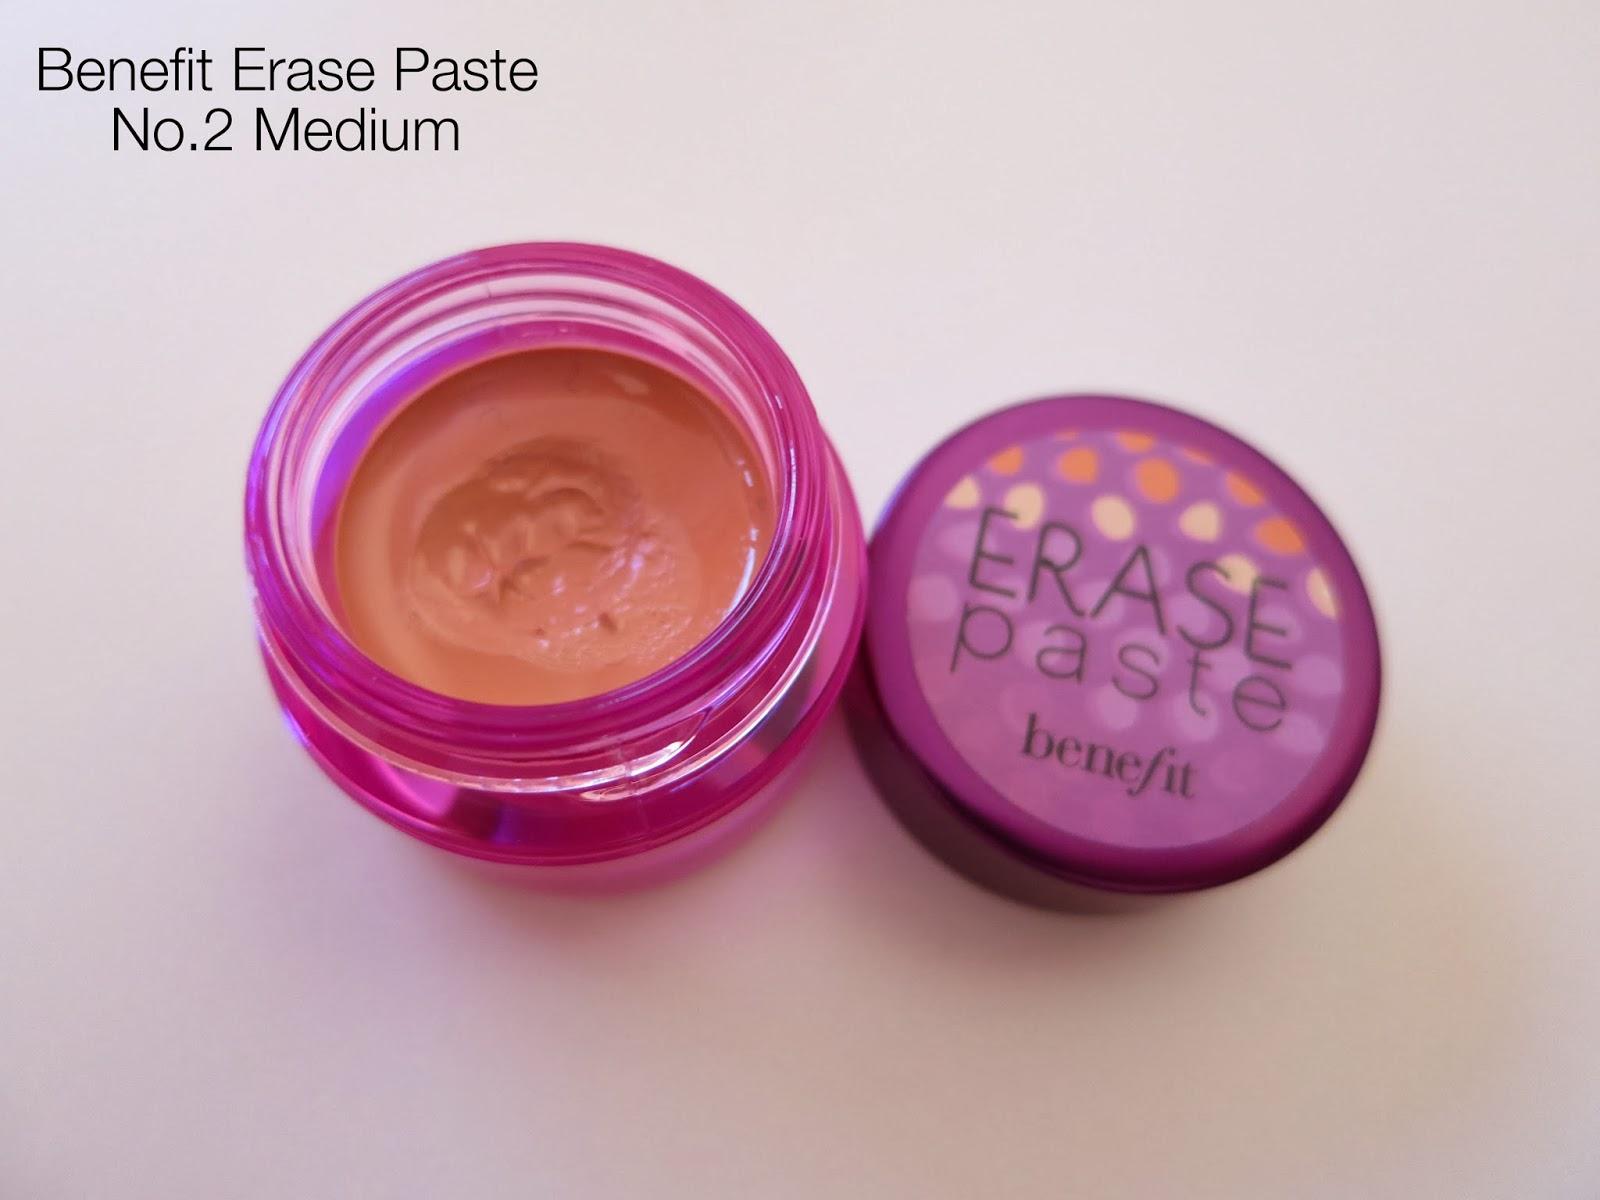 benefit erase paste, 5 best under eye concealers